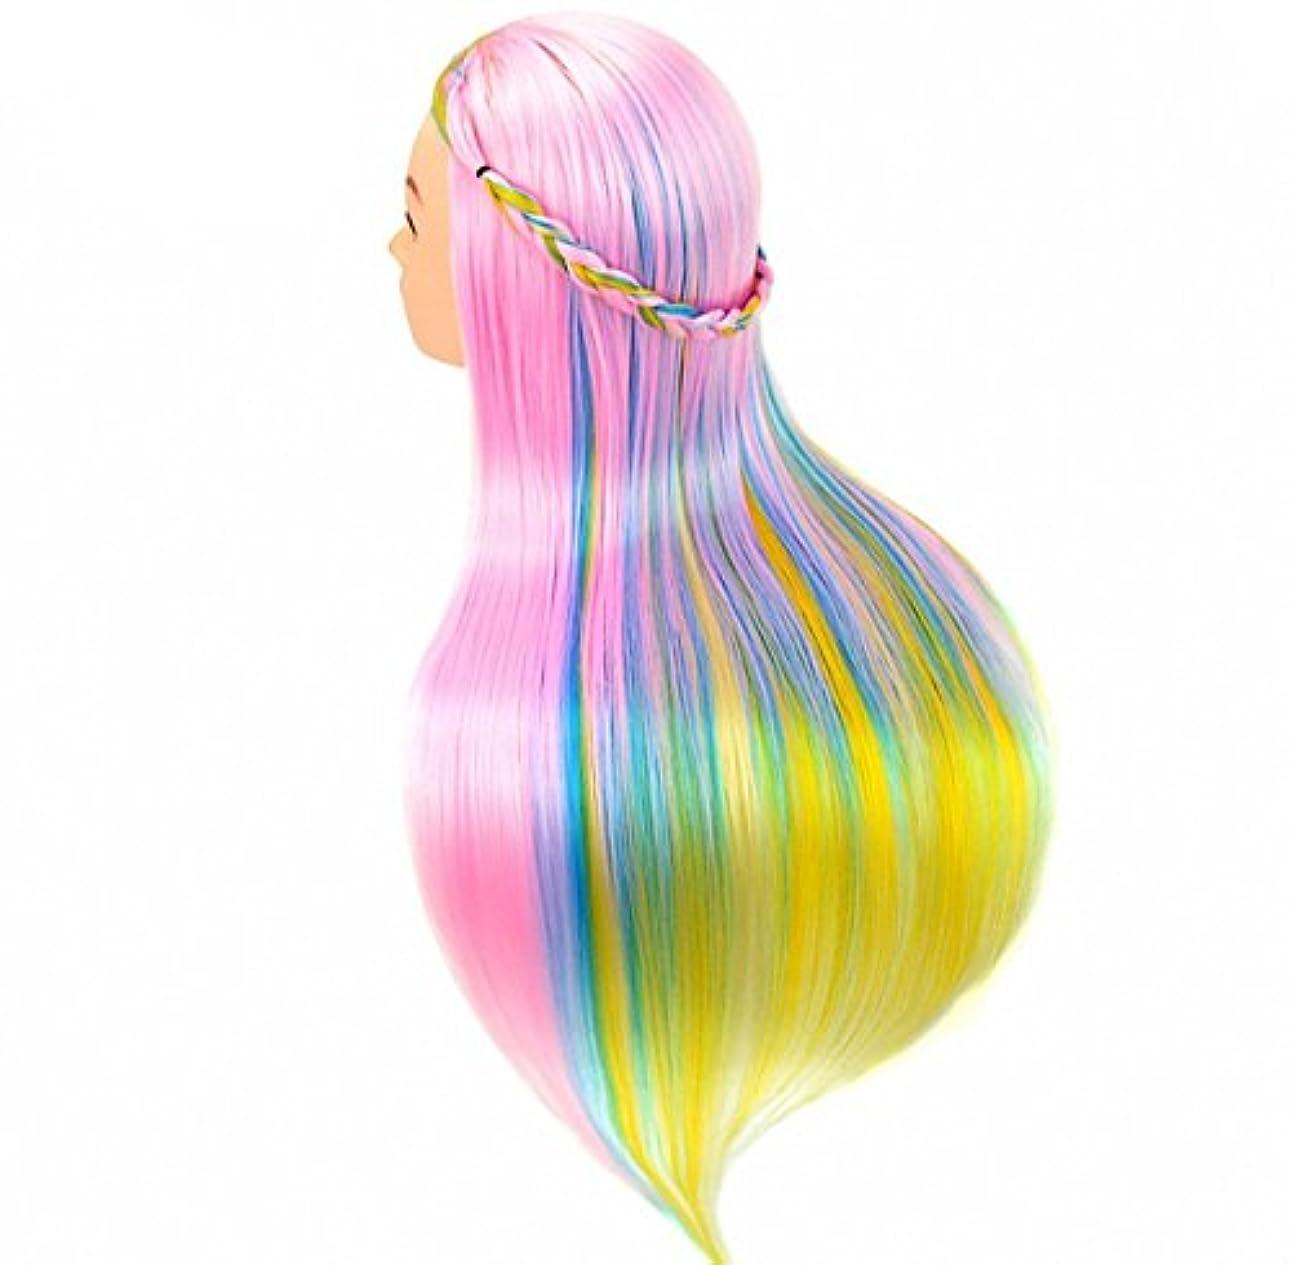 真似る思春期の連合[Perfehair] 人工毛100%のサロン練習用マネキンヘッド(24インチ)–レインボーカラー-